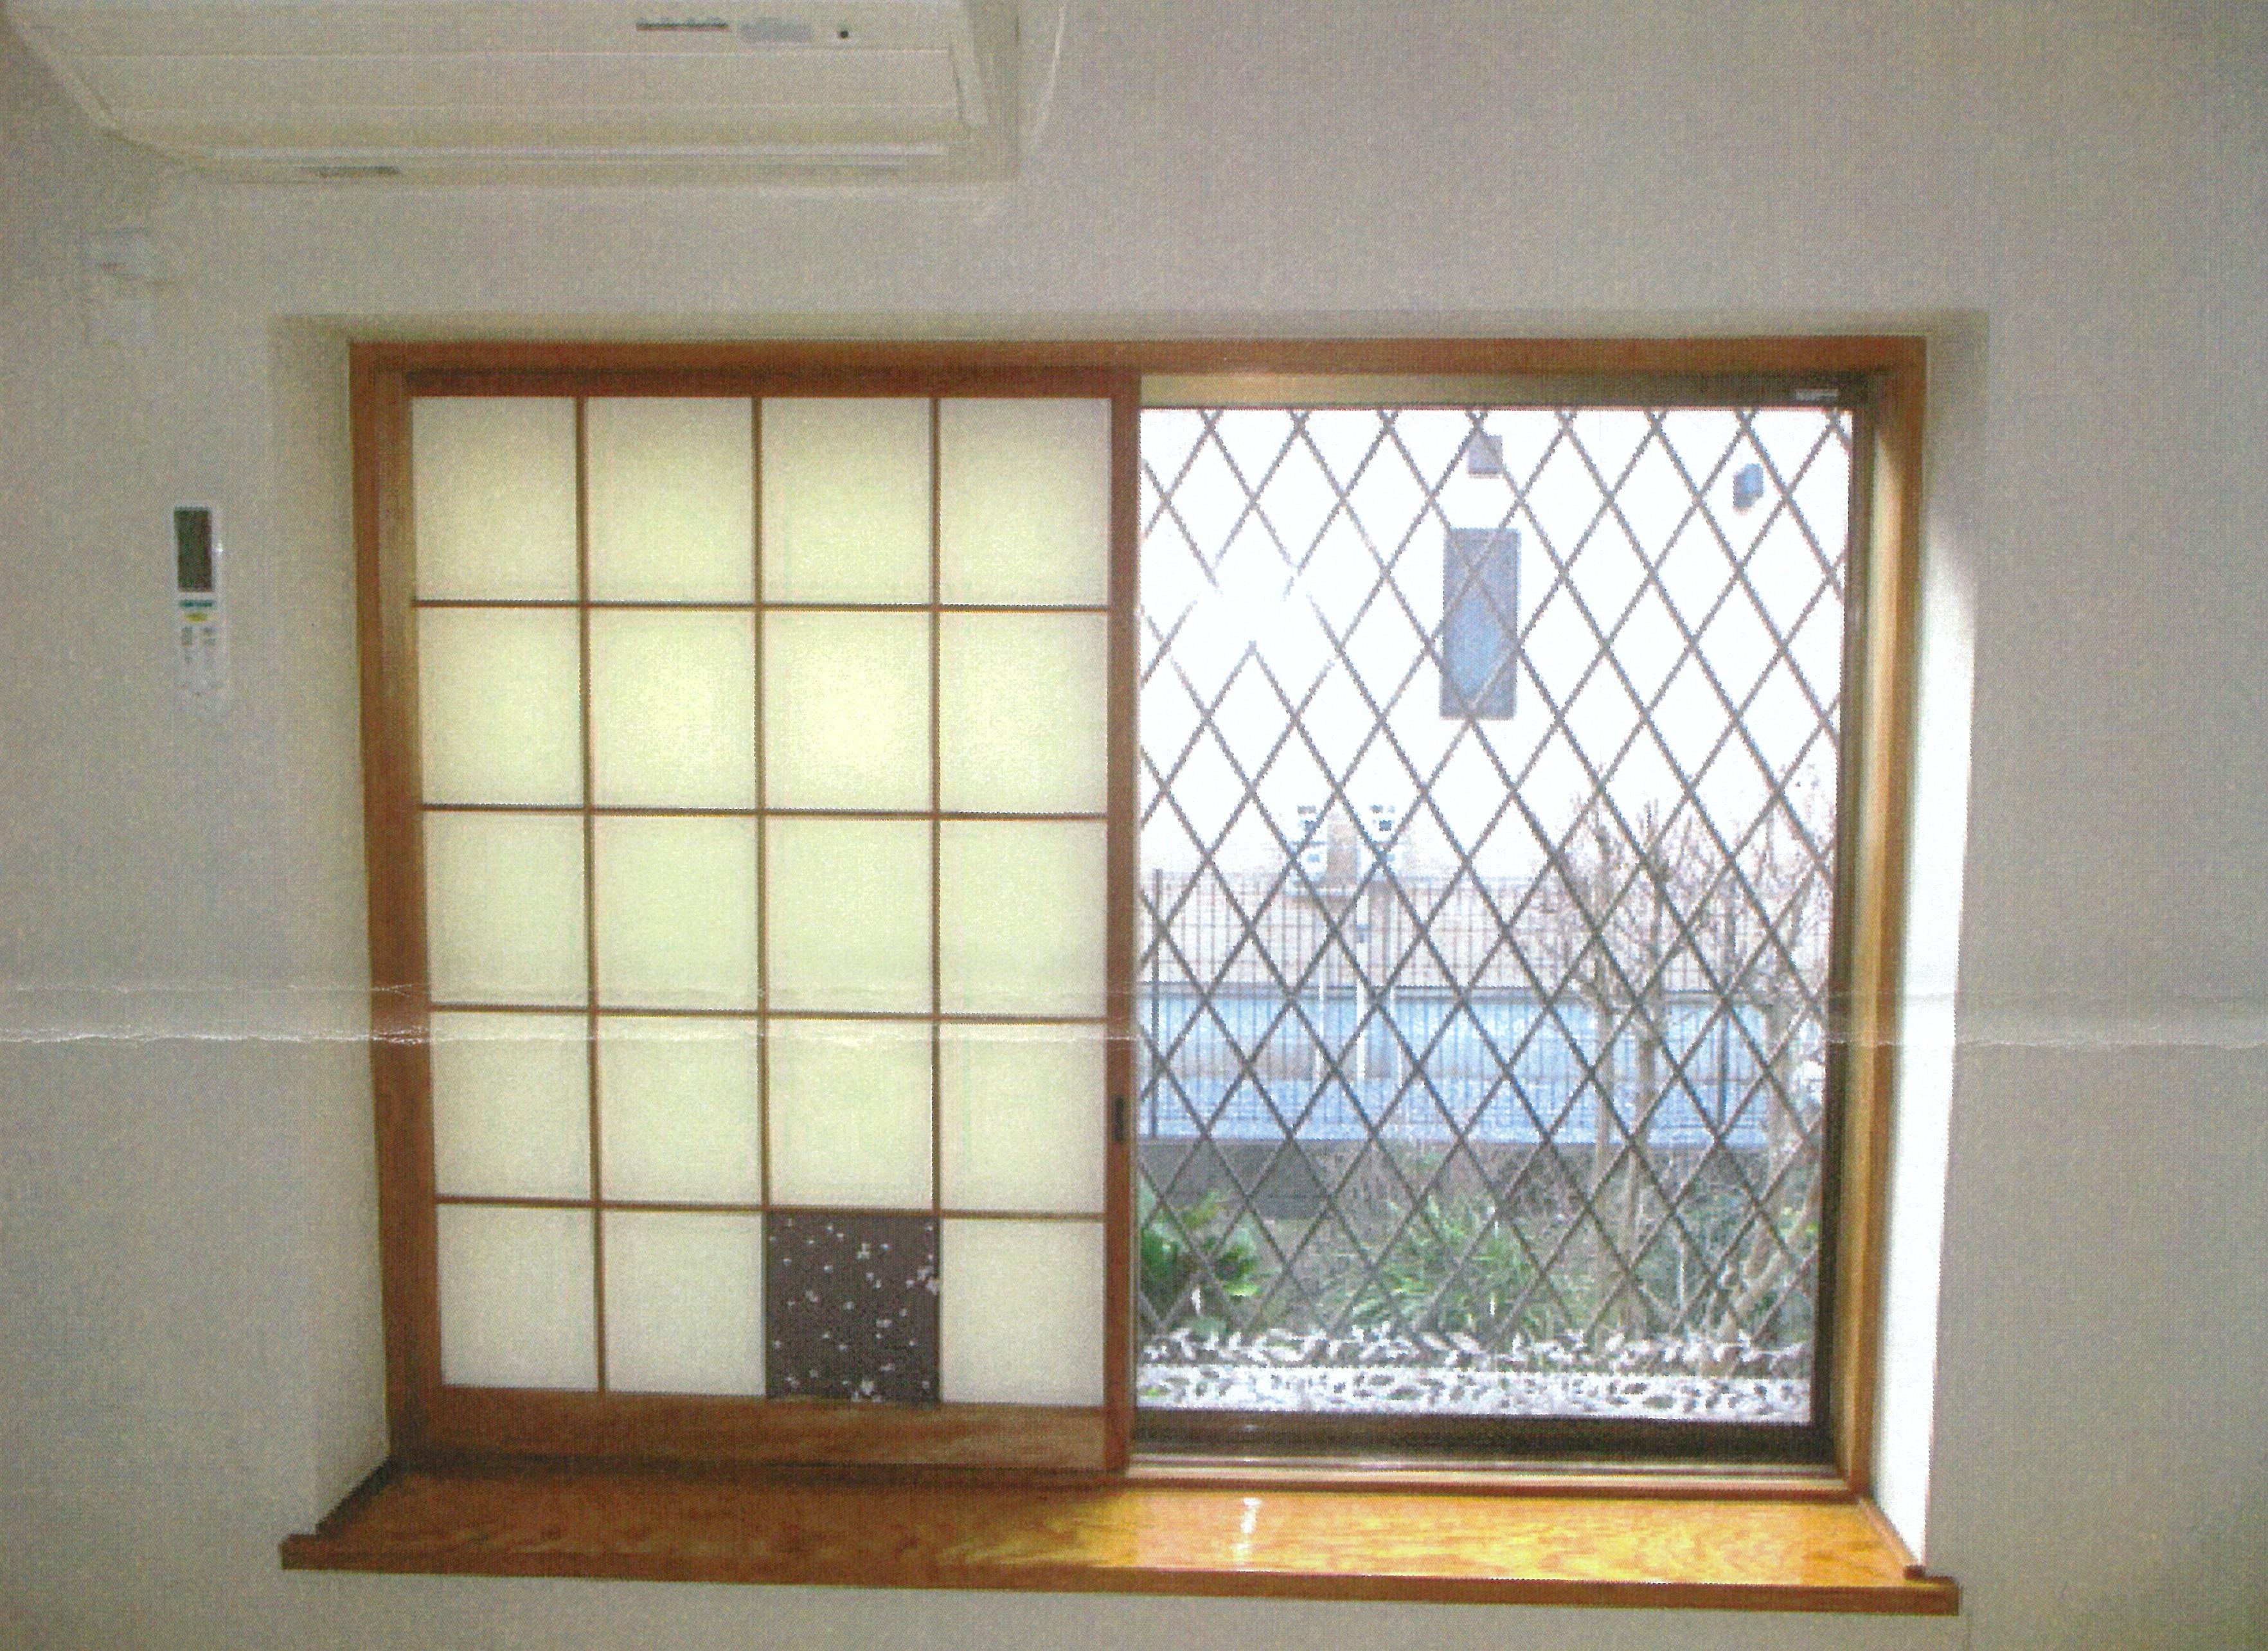 広告がきっかけの窓断熱リフォームに大満足!